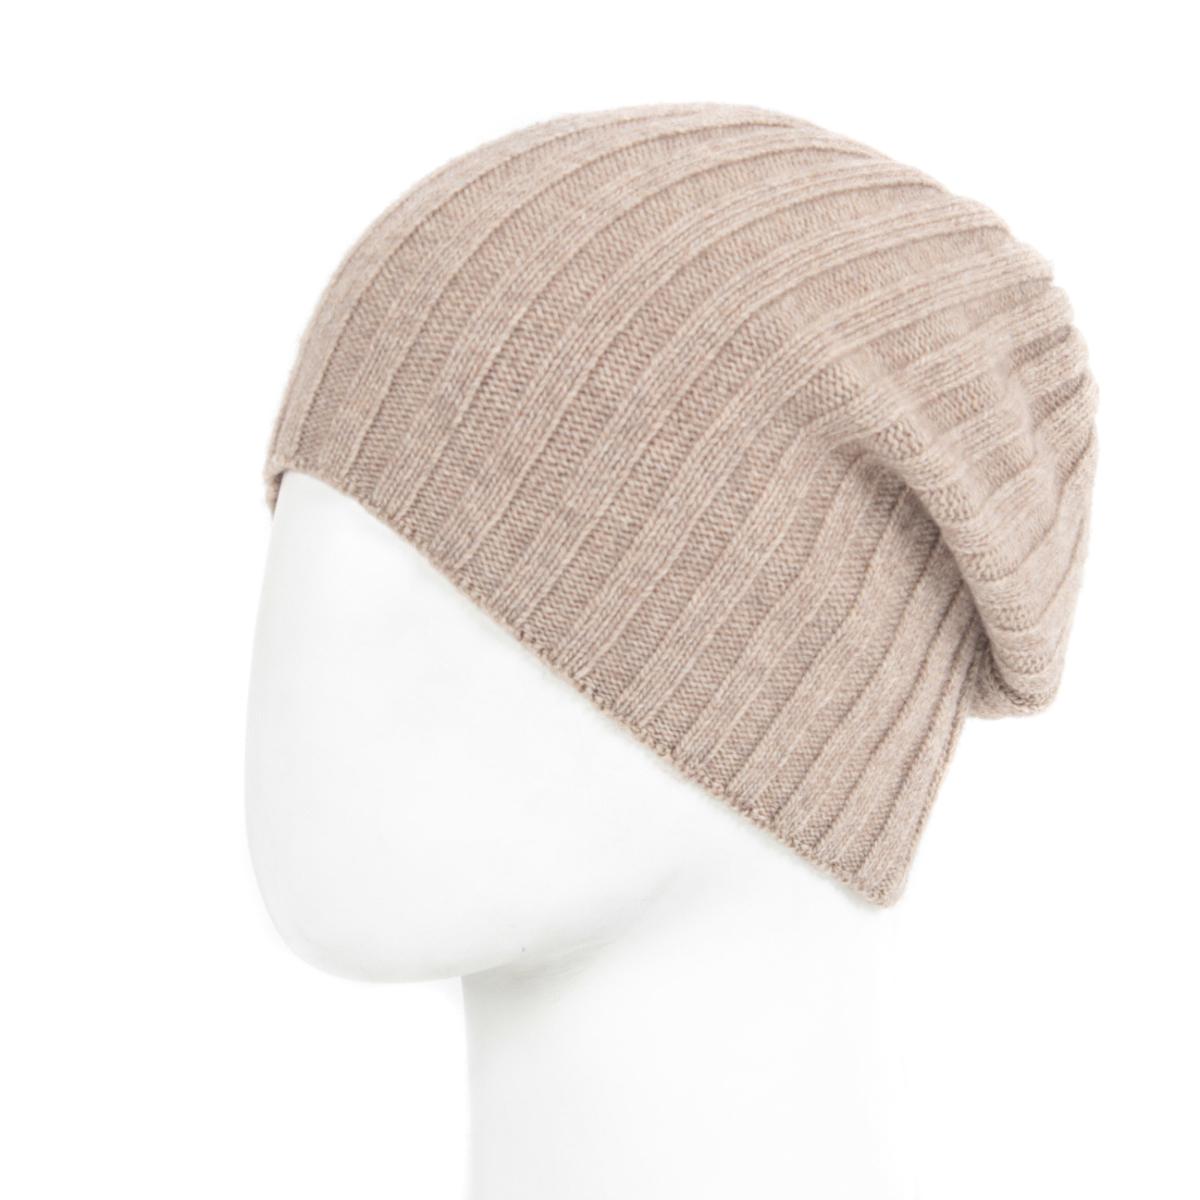 Вязаная женская шапка 106FJ светло-коричневая 99b7341190793